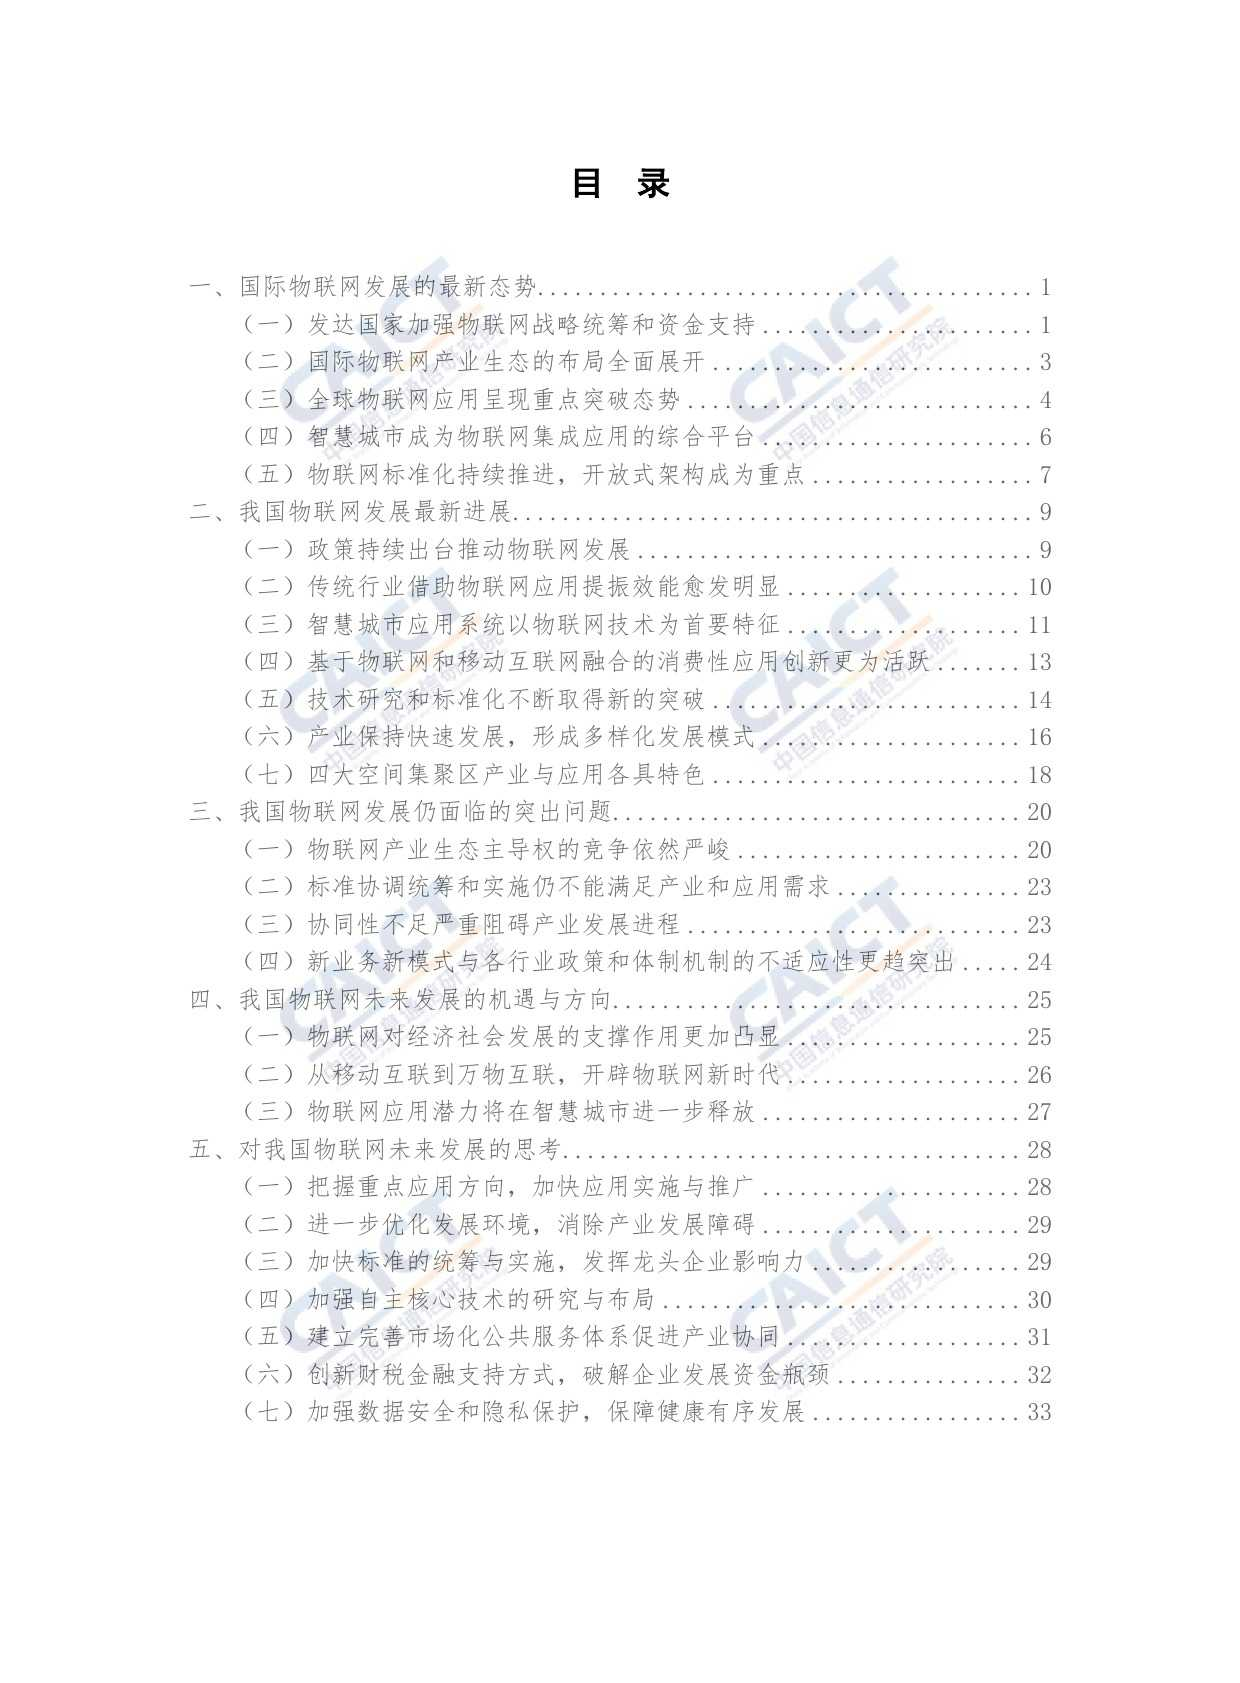 中国信息通信研究院:2015年物联网白皮书_000004